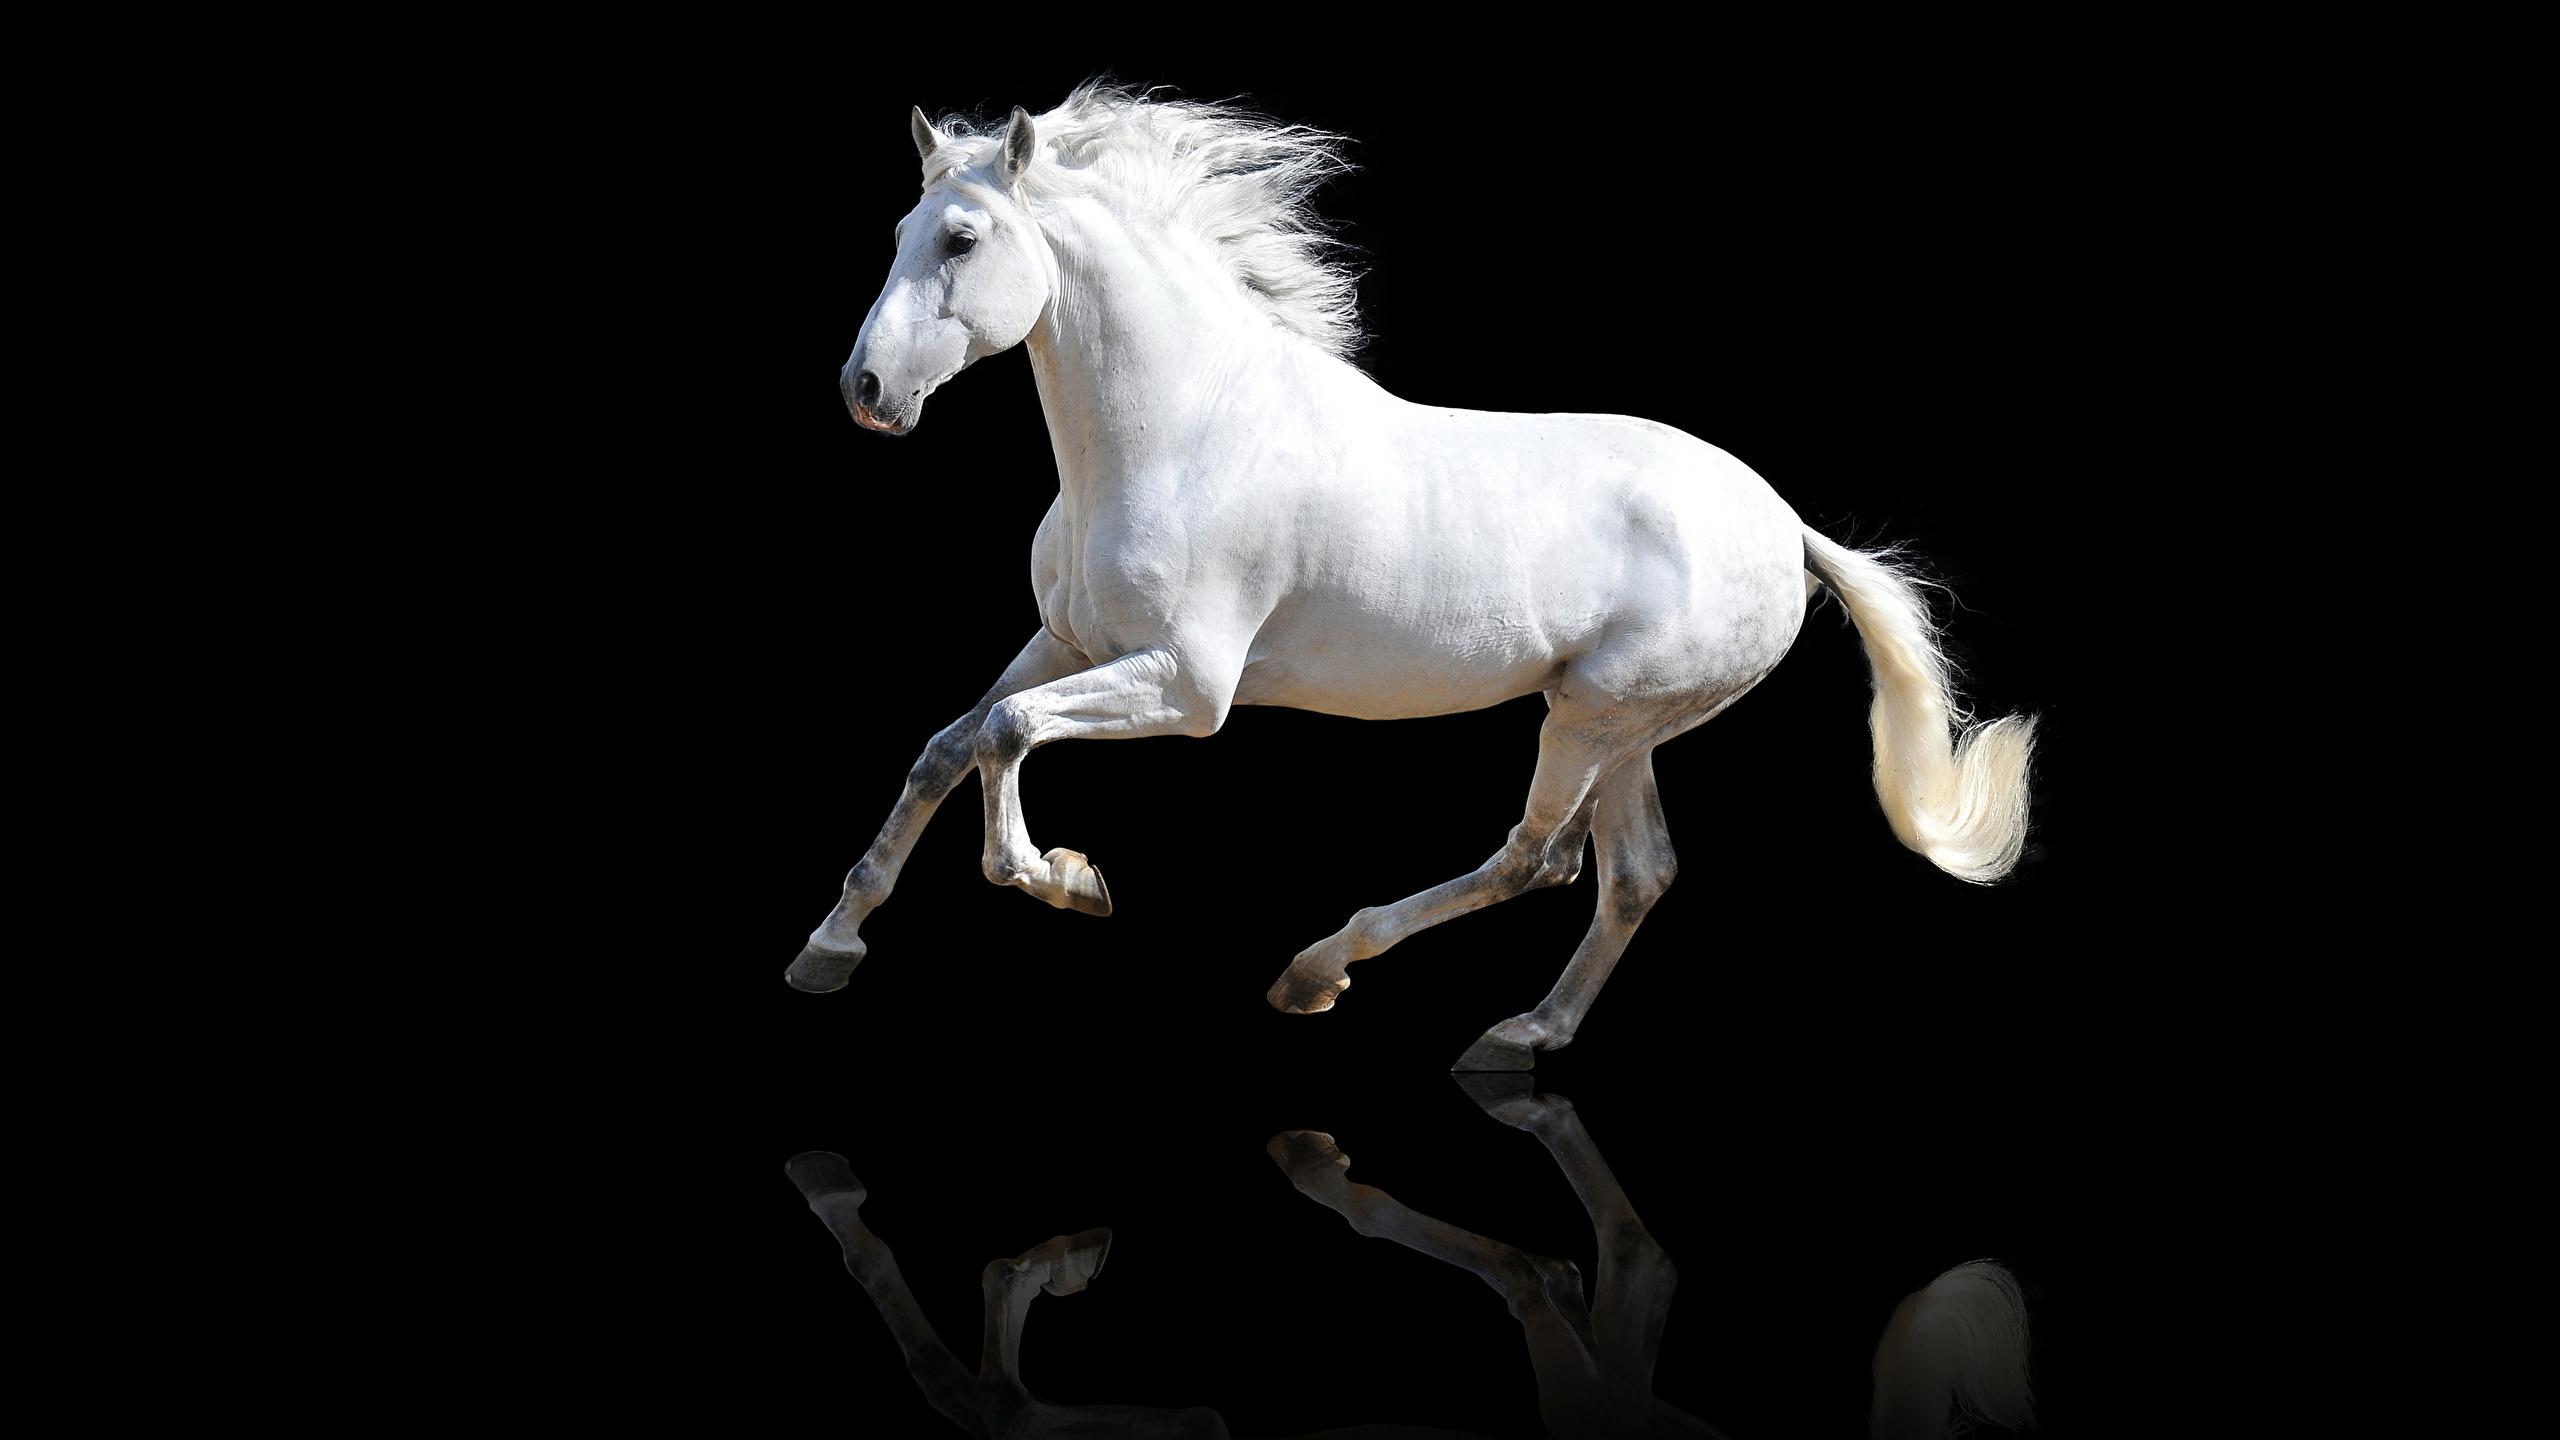 Обои для рабочего стола Лошади белых Животные Черный фон 2560x1440 лошадь белая белые Белый животное на черном фоне